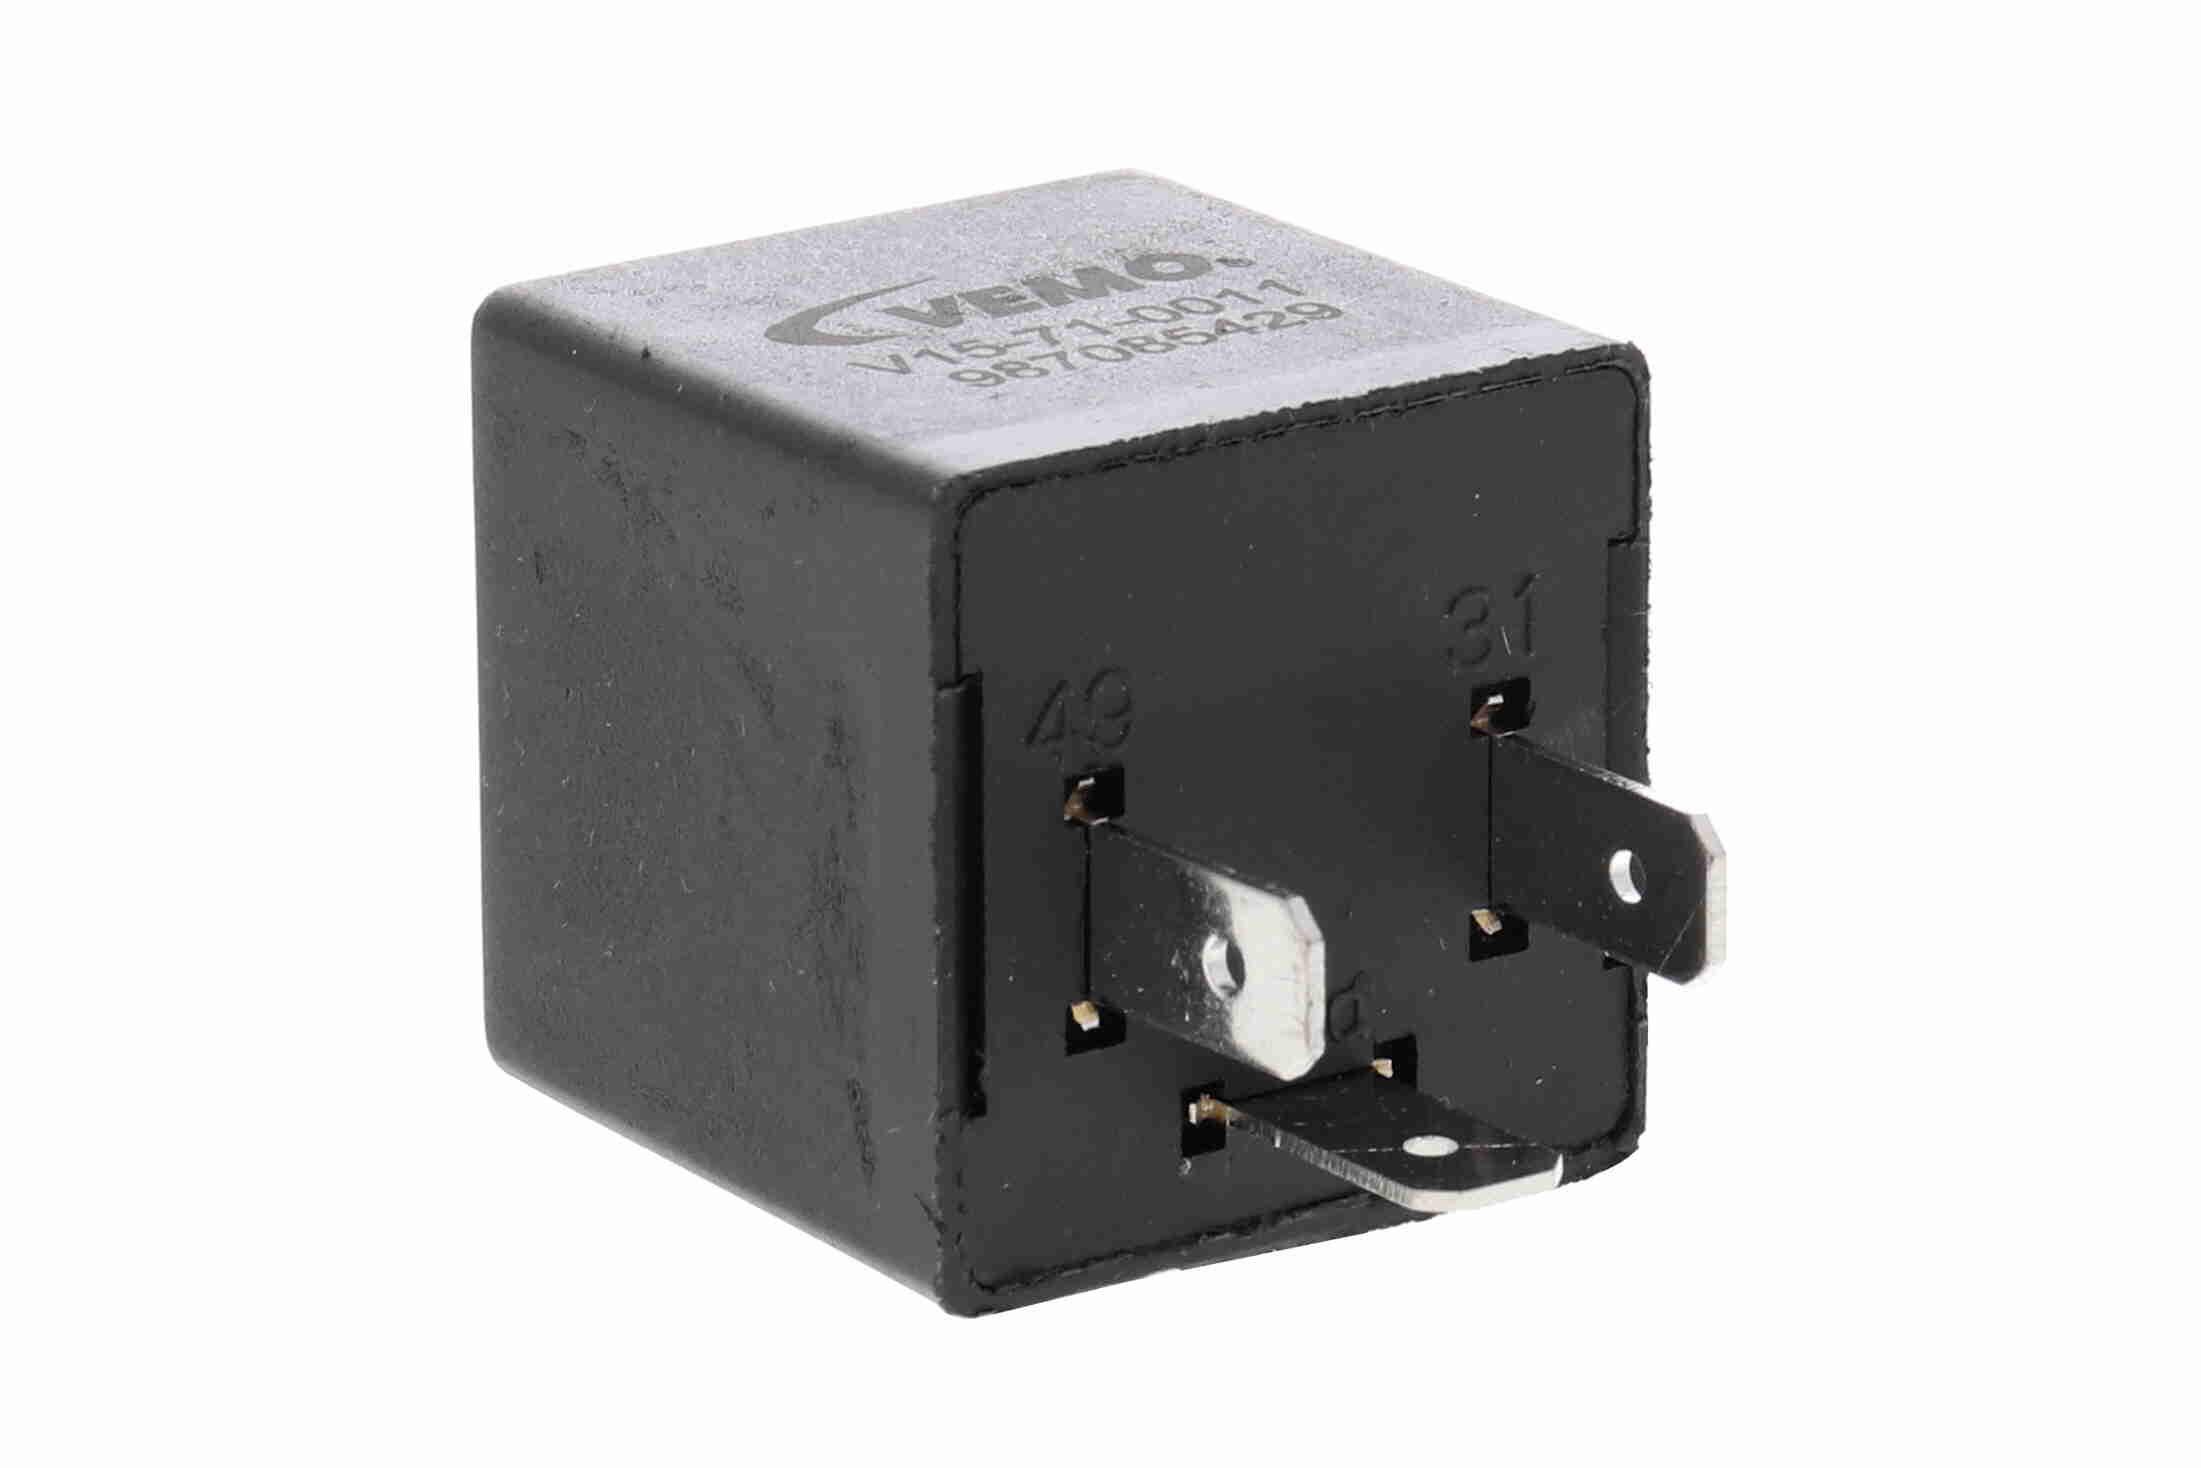 Knipperlichtautomaat, pinkdoos V15-71-0011 FIAT TEMPRA met een korting — koop nu!